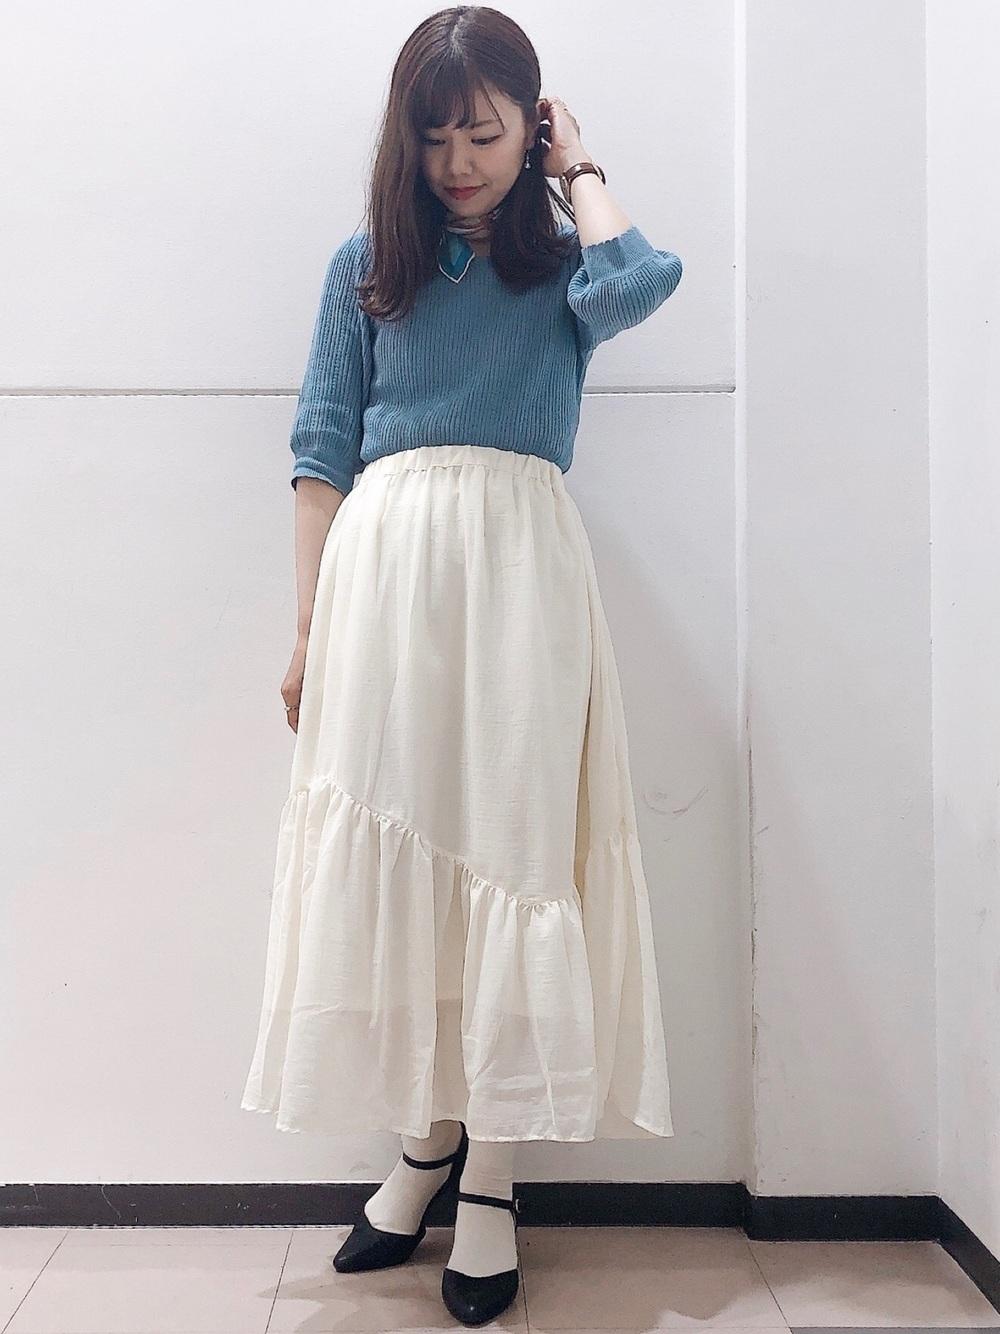 ニットと白ロングスカート